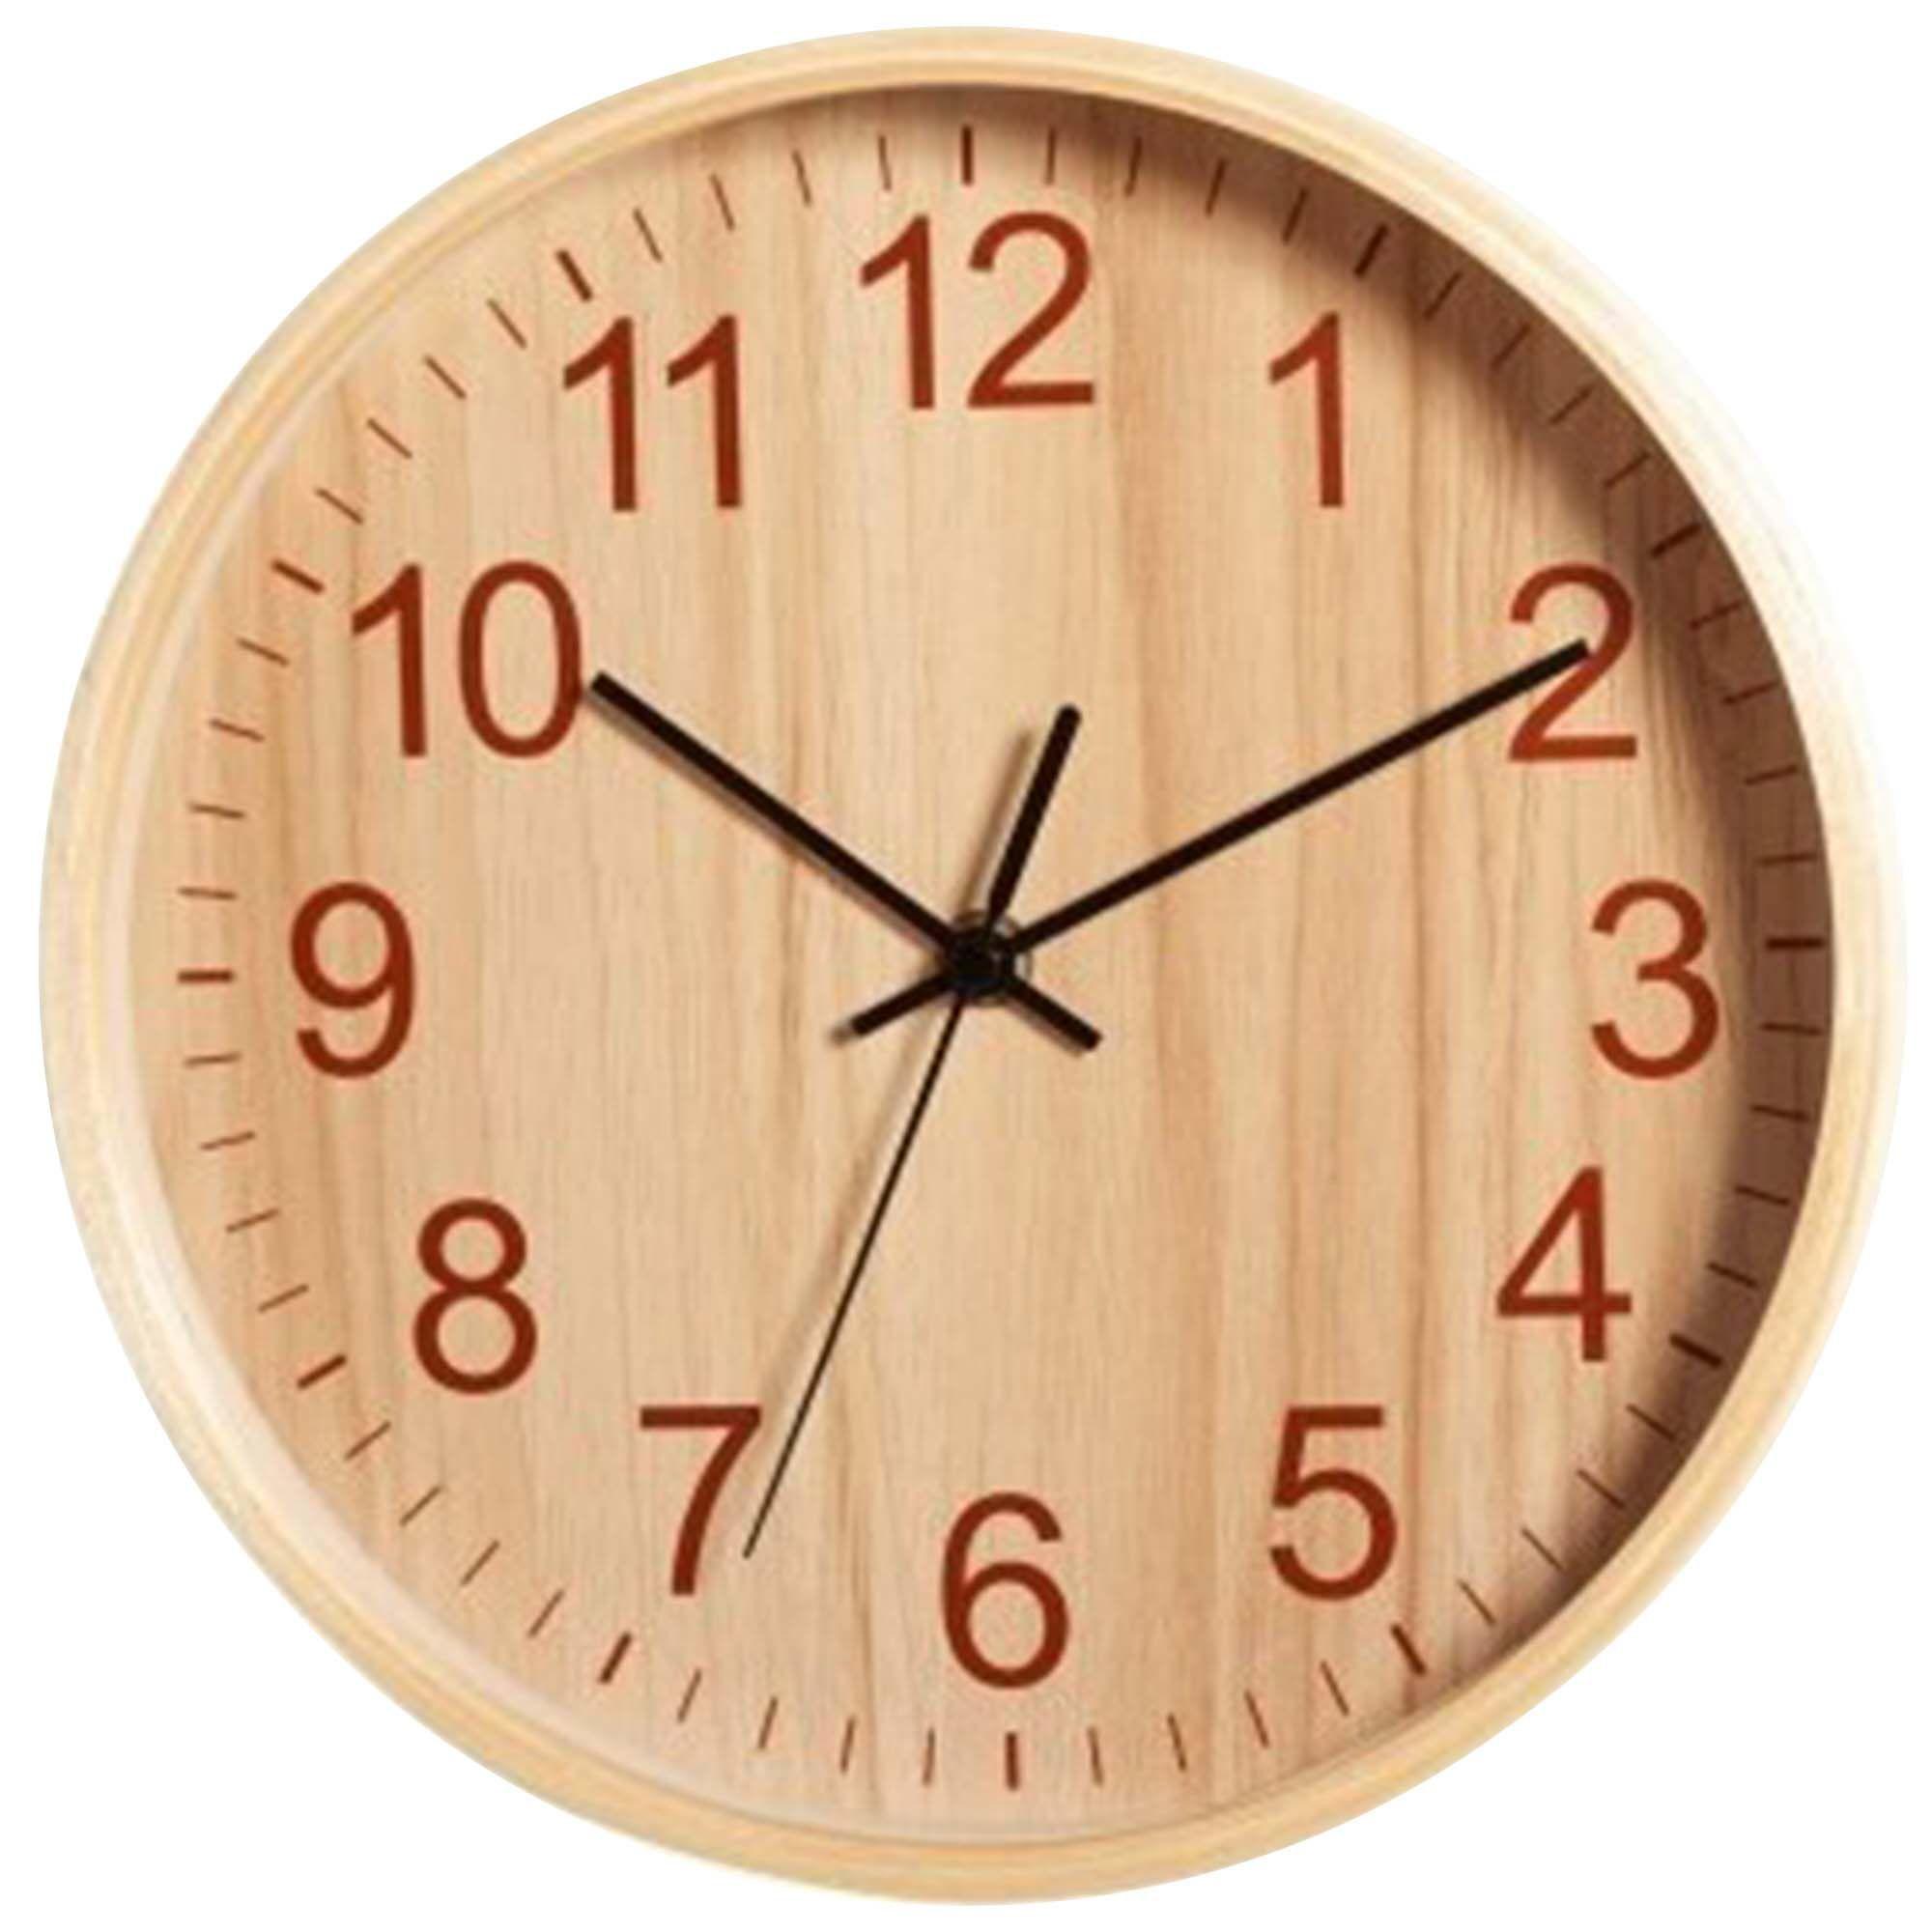 Relógio de Parede Analógico Herweg 6479 296 Carvalho